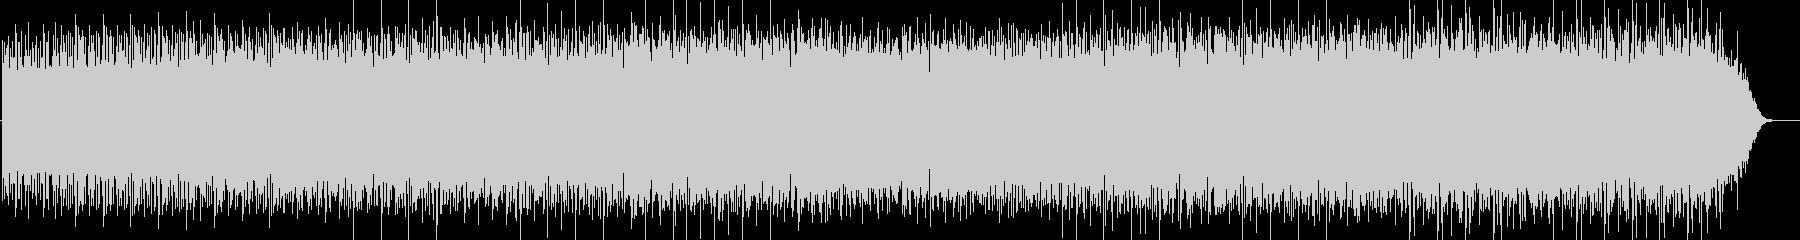 サイケデリックテイストのミニマルロックの未再生の波形